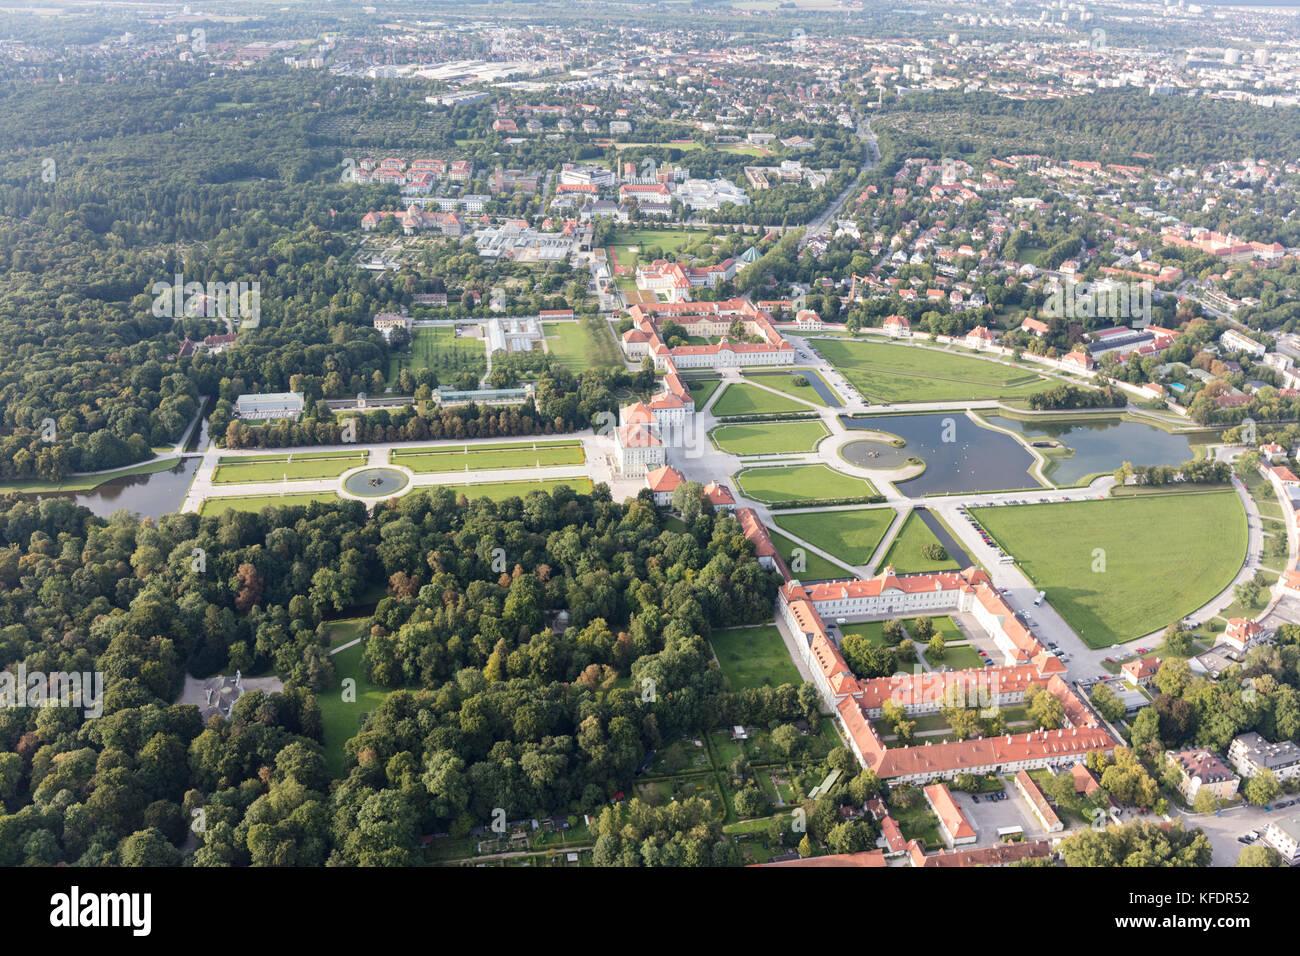 Vista aérea del Palacio de Nymphenburg (Schloss Nymphenburg), Munich, Baviera, Alemania Imagen De Stock